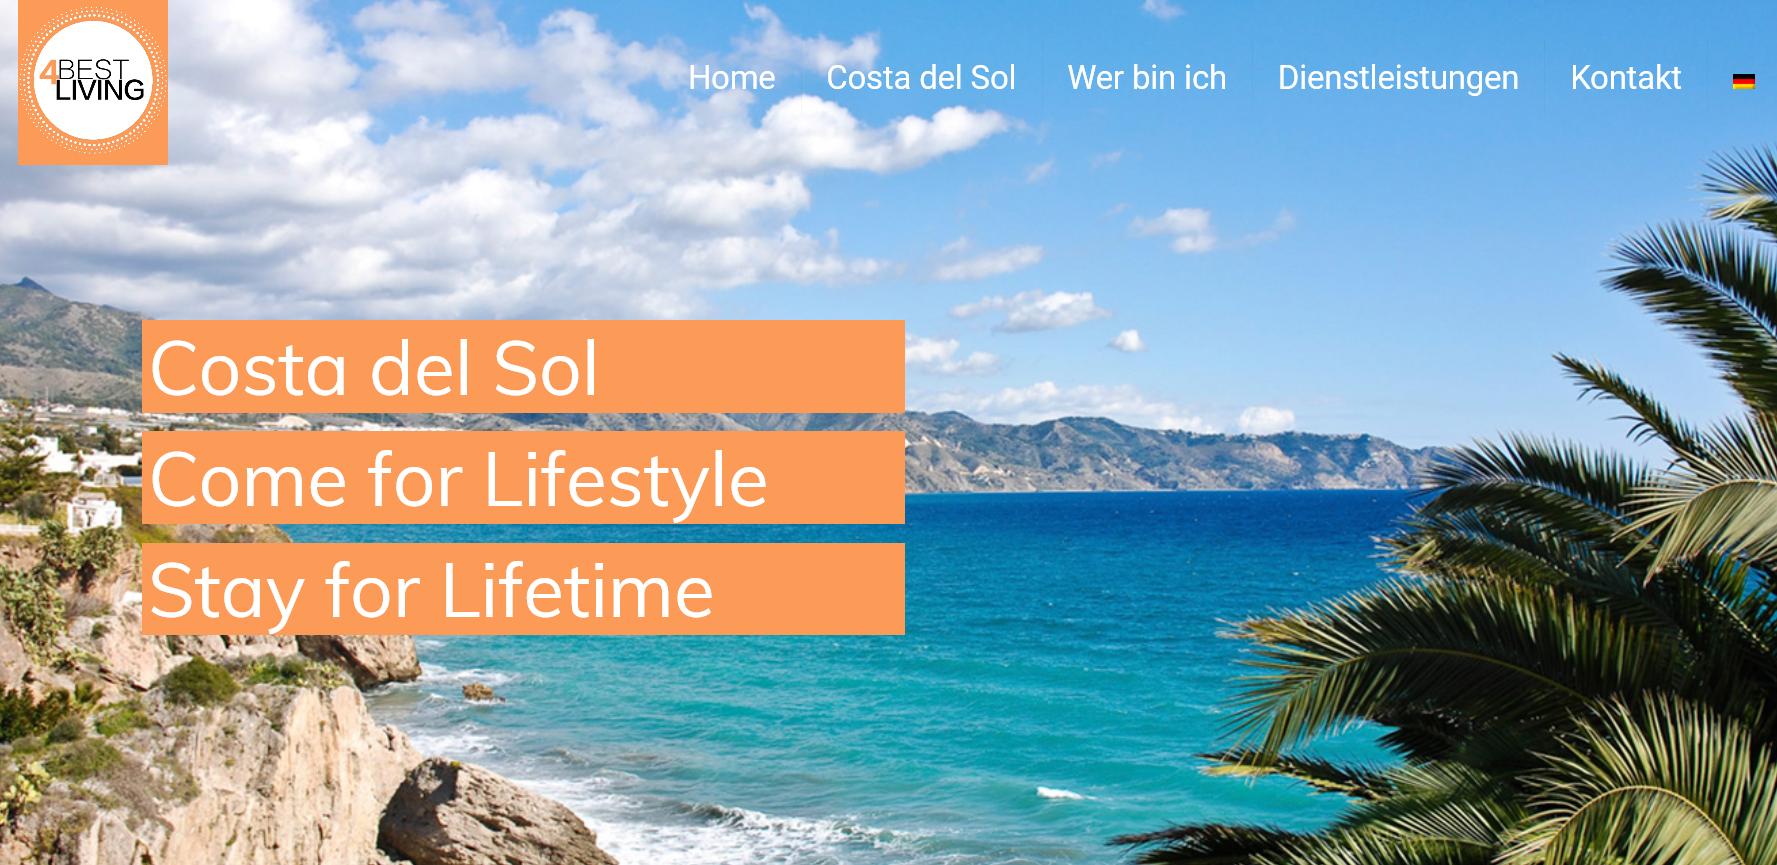 Costa del Sol cover D.png